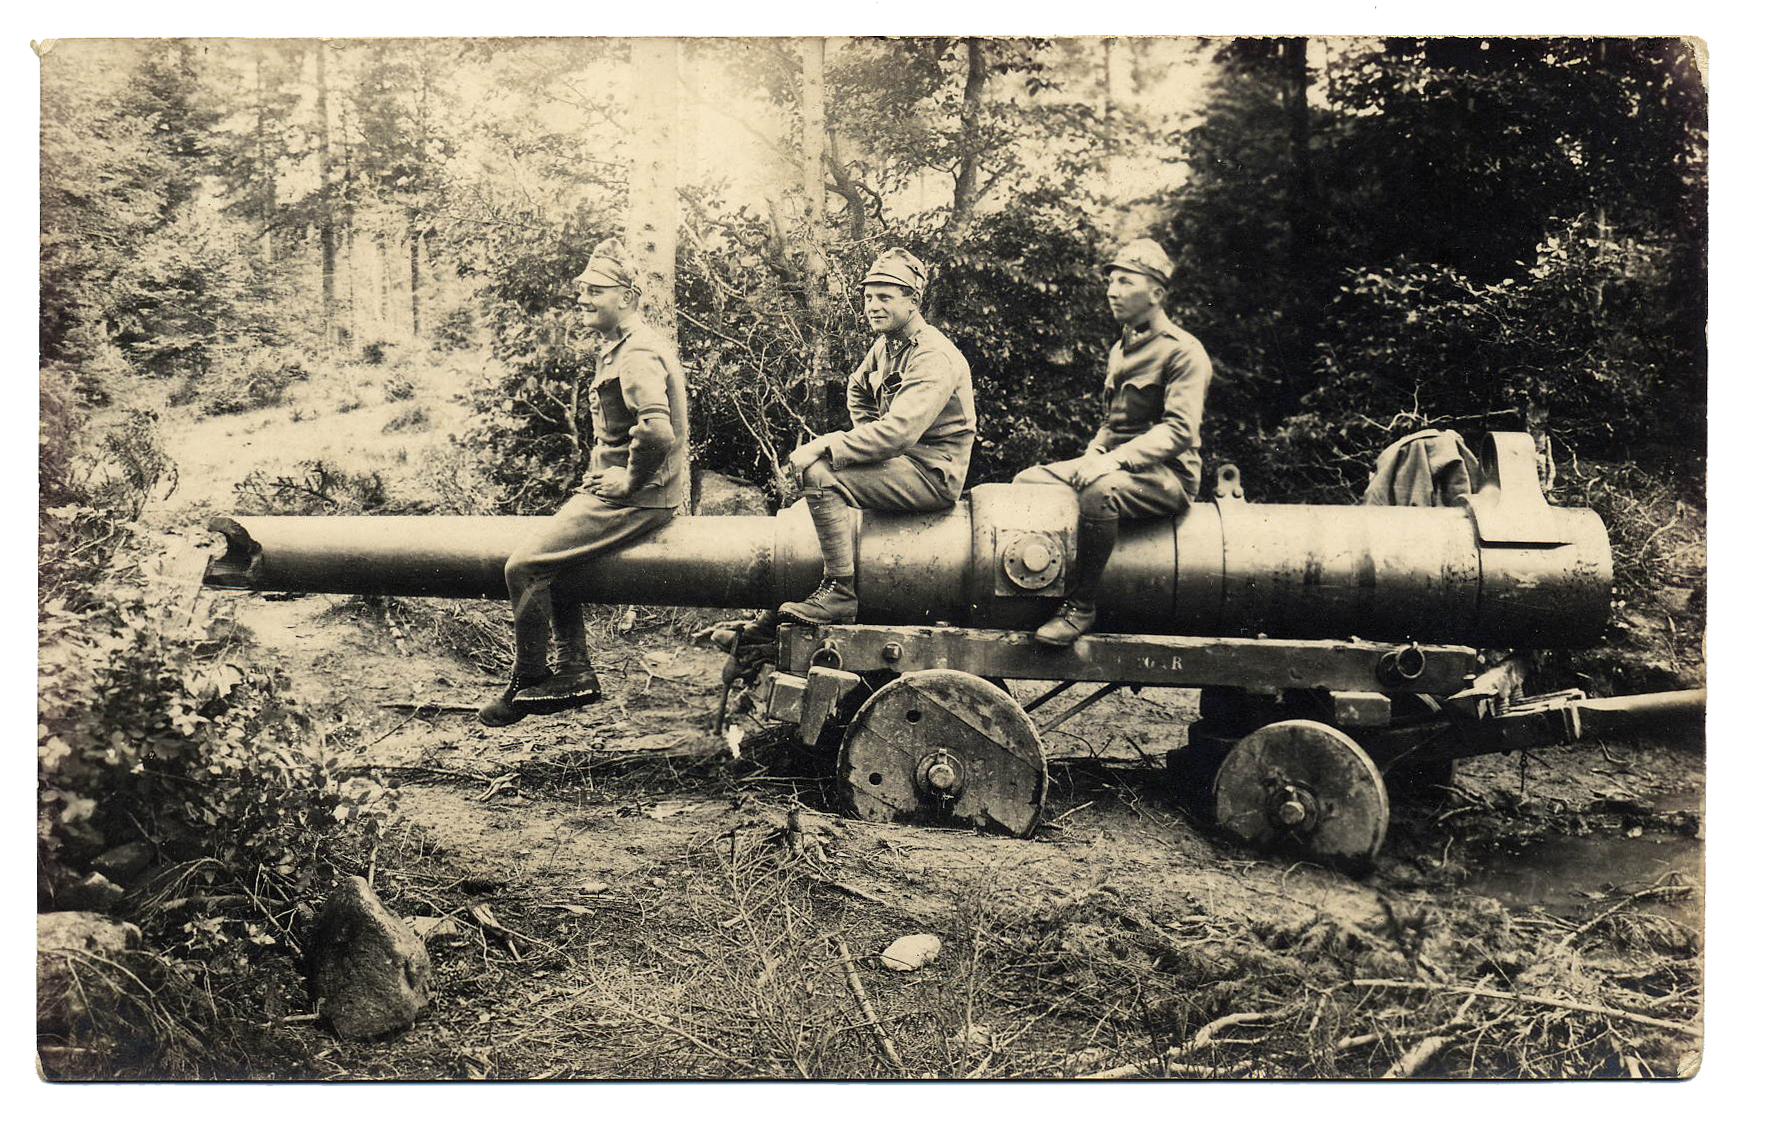 40 - cannone italiano abbandonato durantele giornate inioziali della Strafexpedition.JPG